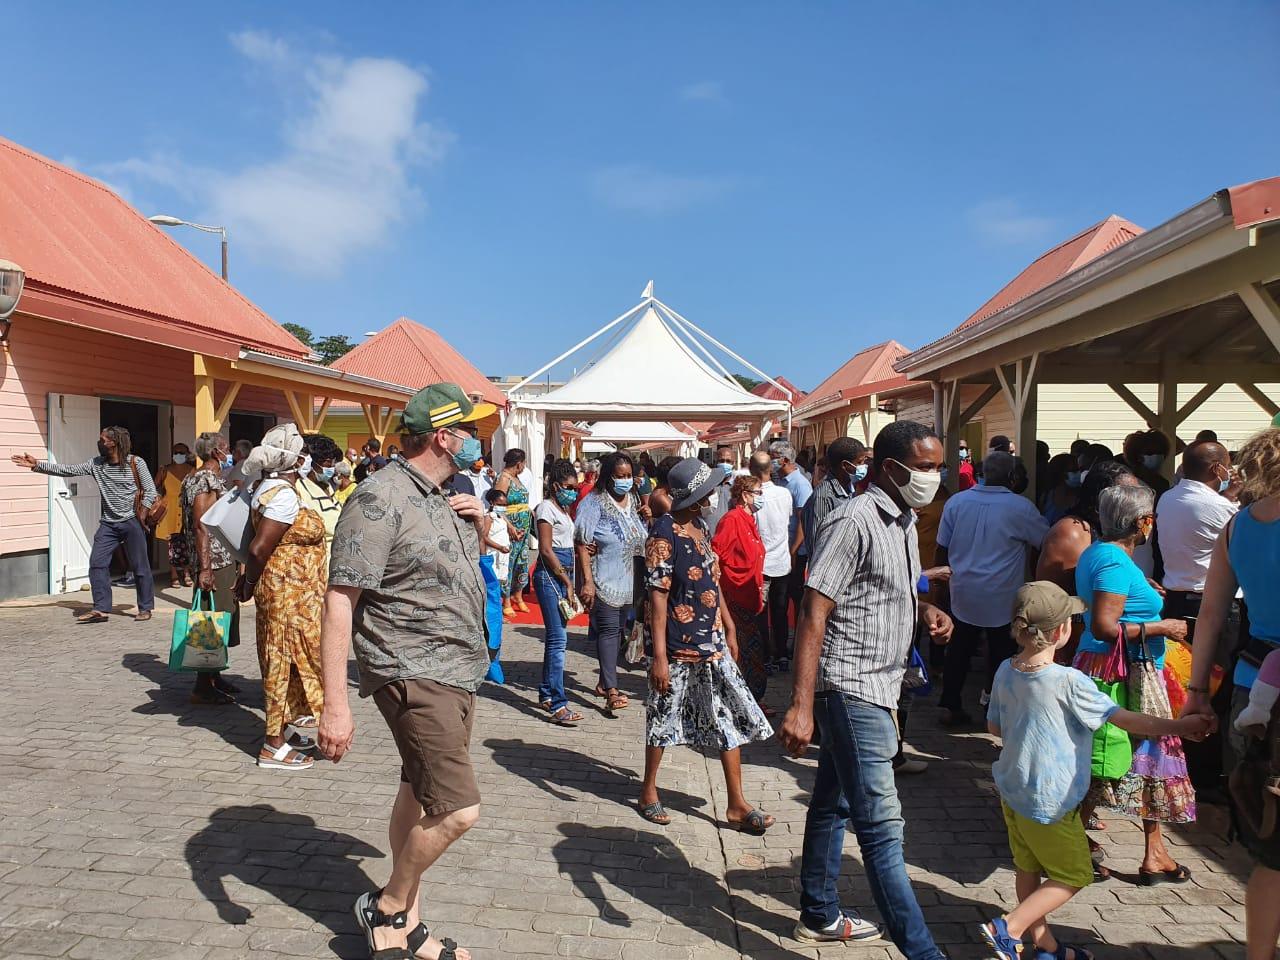 Le village artisanal de Capesterre-Belle-Eau a été inauguré